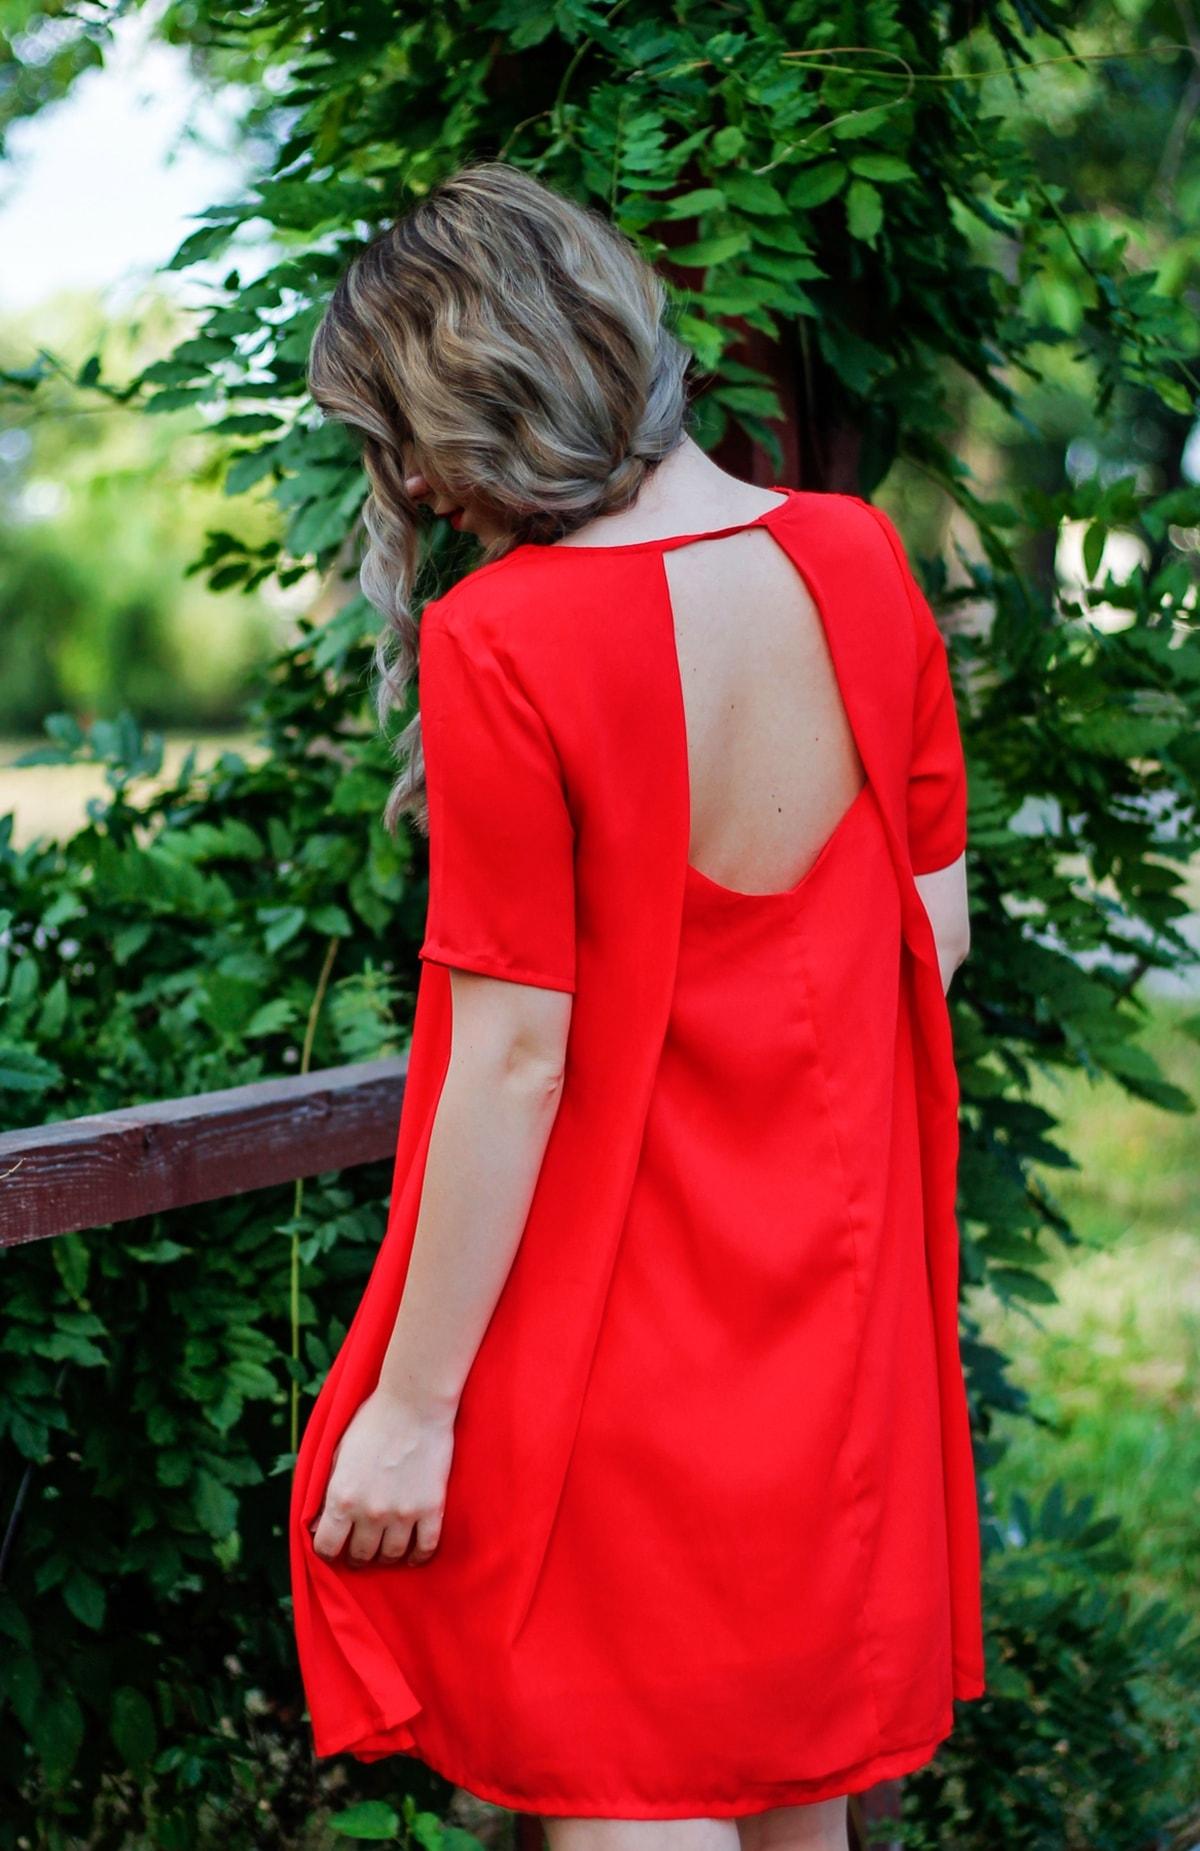 Rochie rosie de zi cu spatele gol, rochie rosie scurta din voal